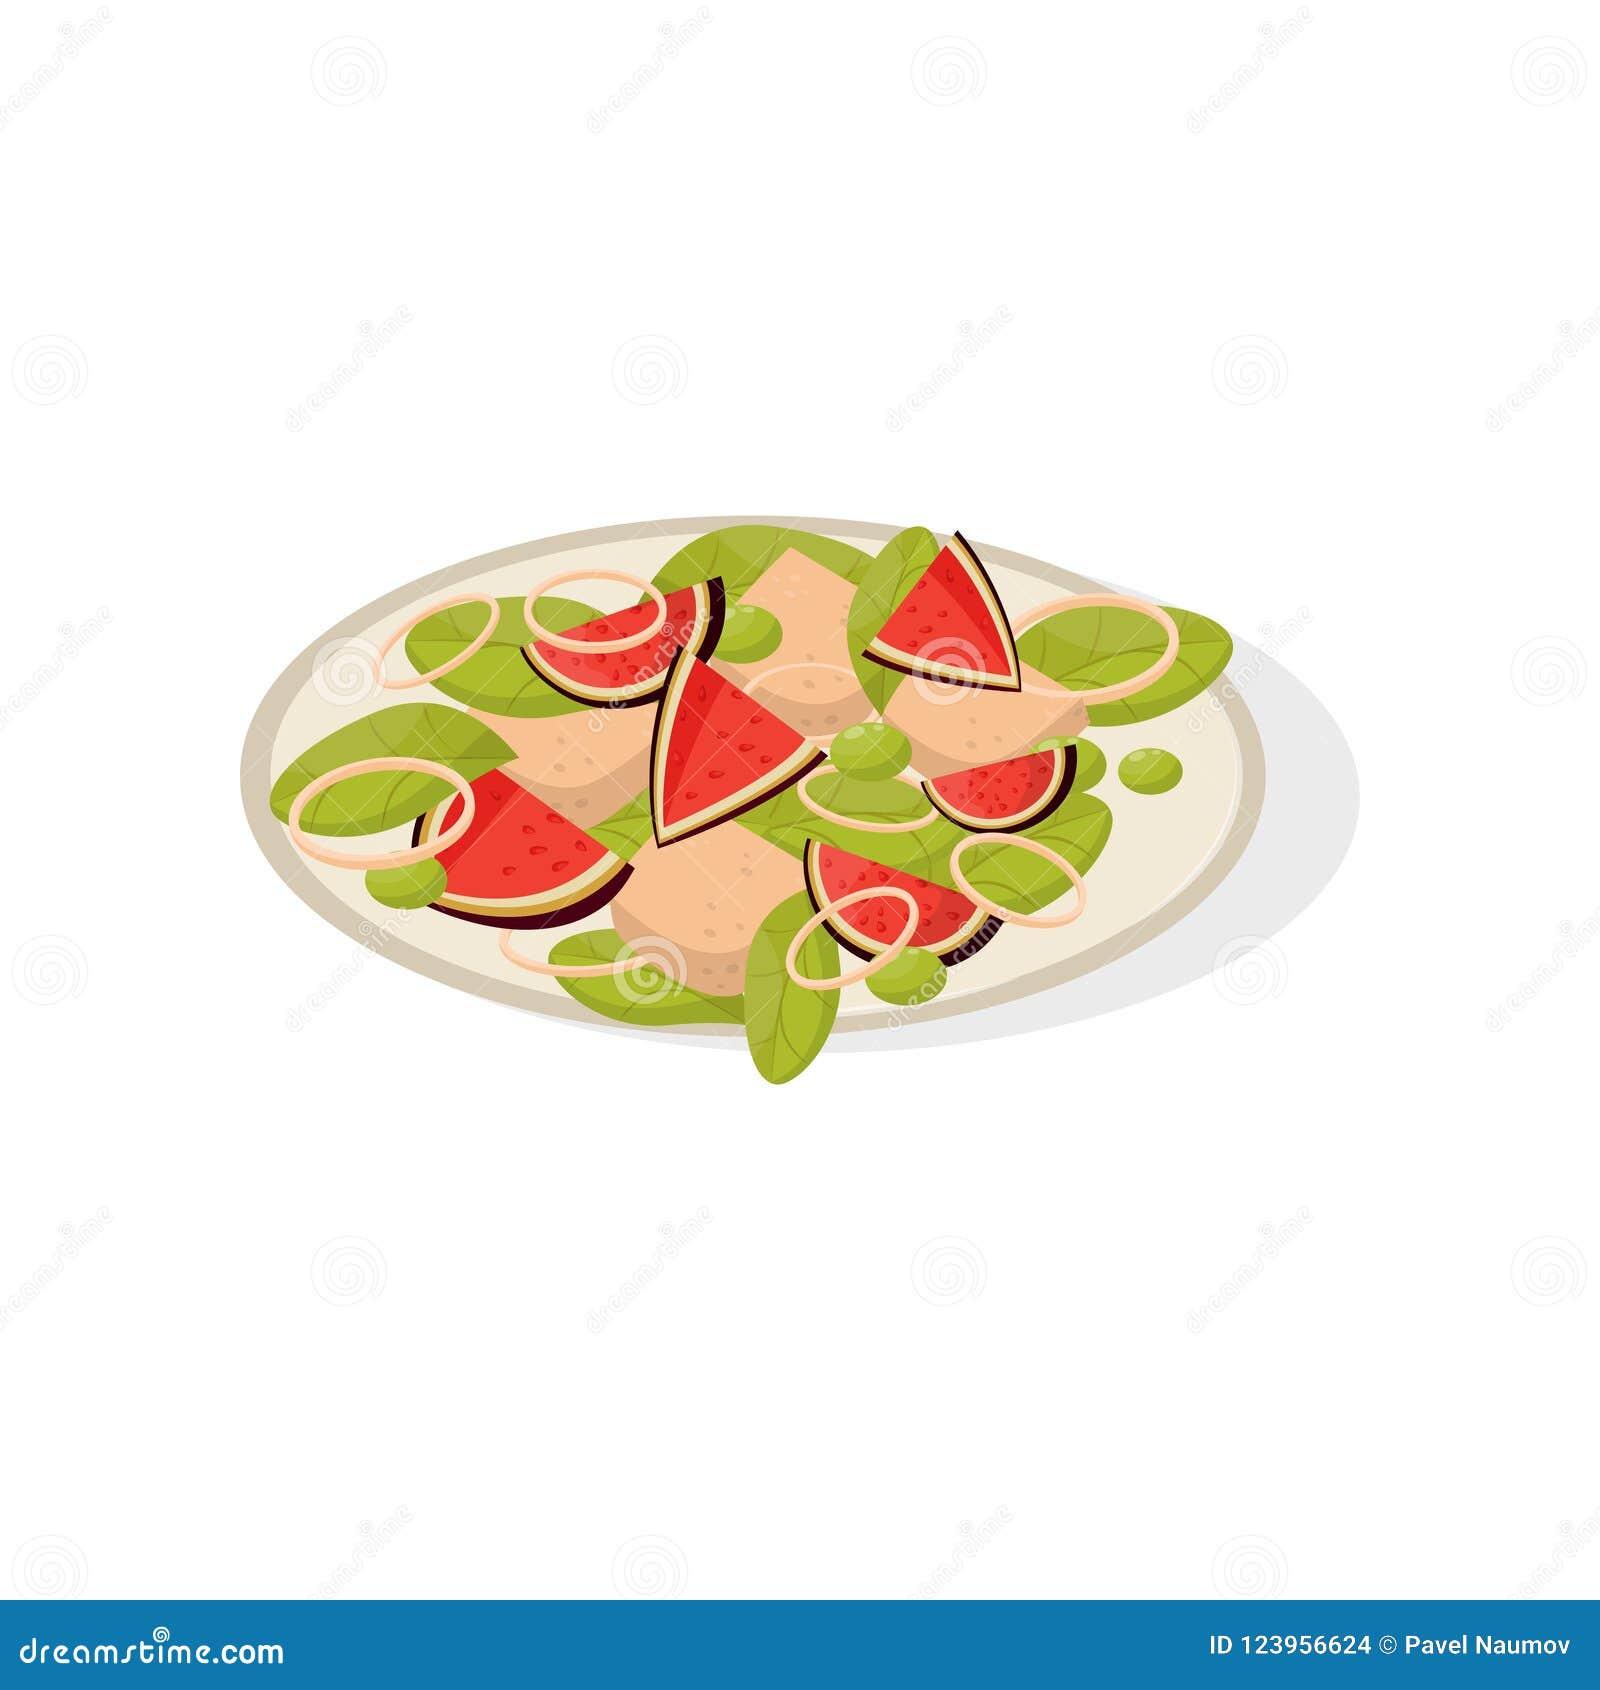 Salat mit Feige trägt auf einer Plattenvektor Illustration auf einem weißen Hintergrund Früchte